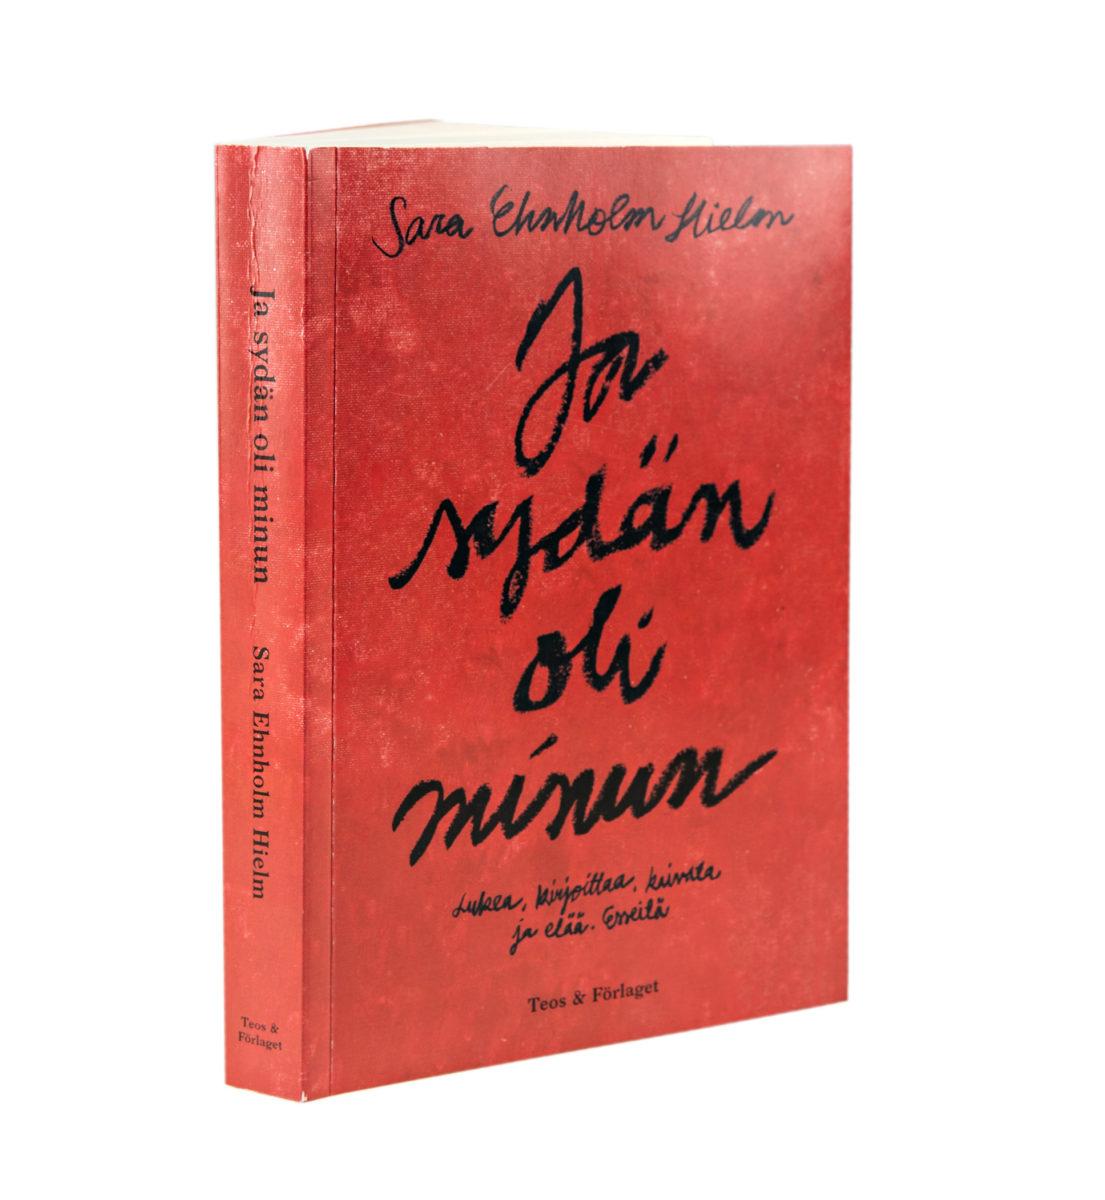 Sara Ehnholm Hielm: Ja sydän oli minun. Suom. Kaisa Sivenius. 299 s. Teos & Förlaget, 2018.